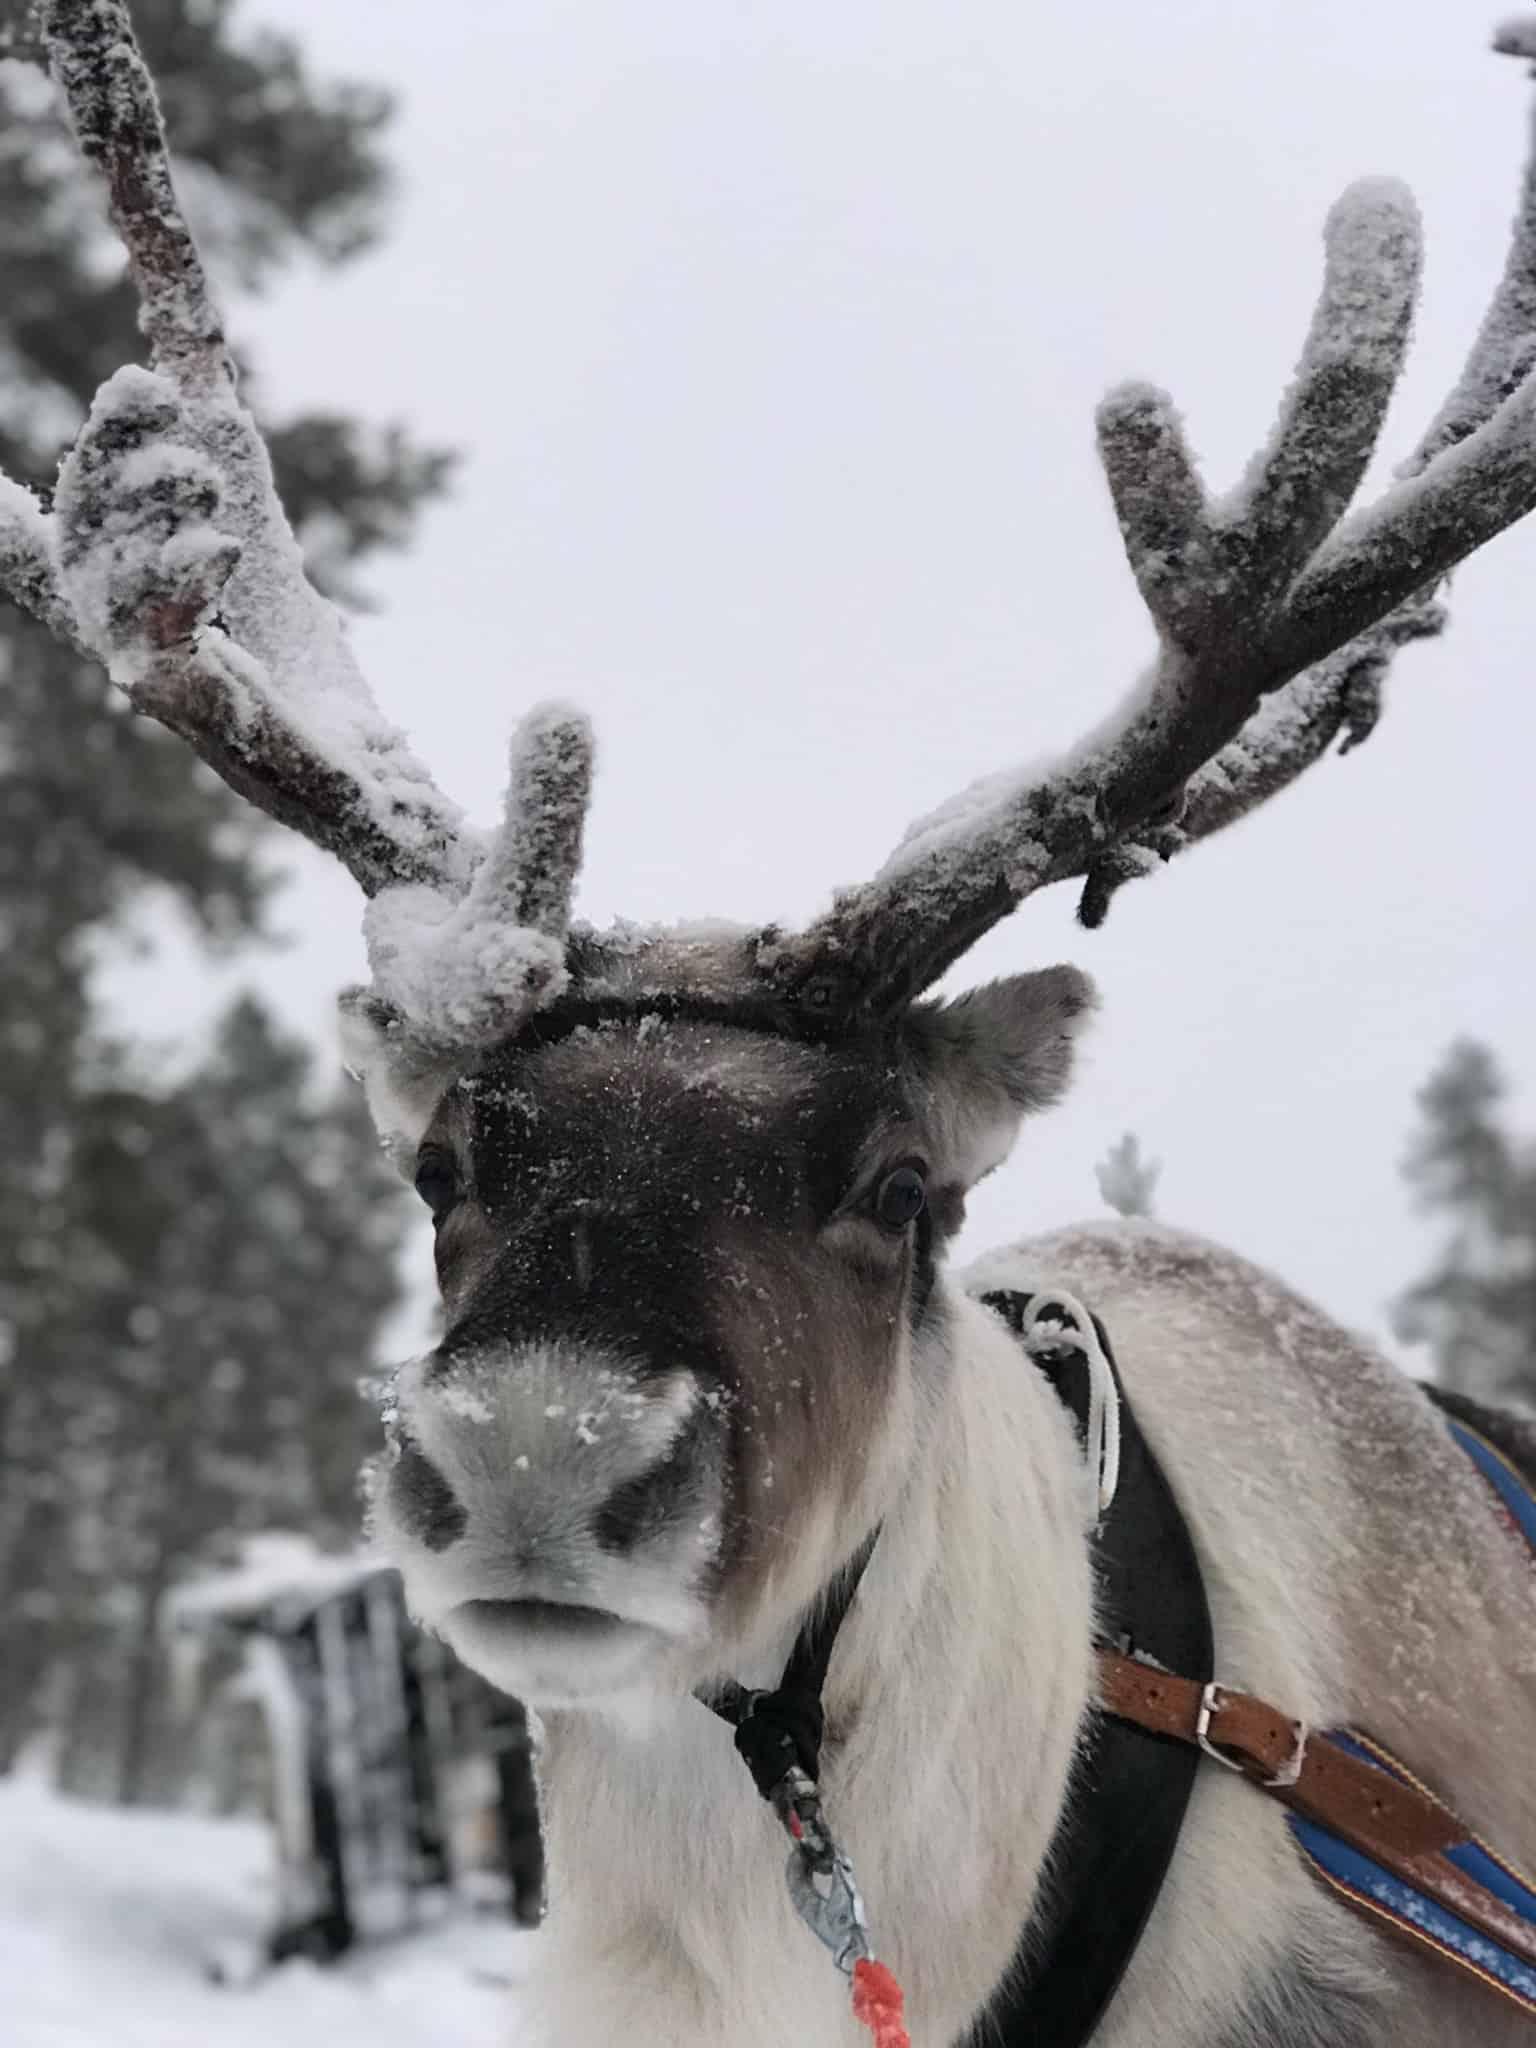 Searching for Santa at Santa's Lapland